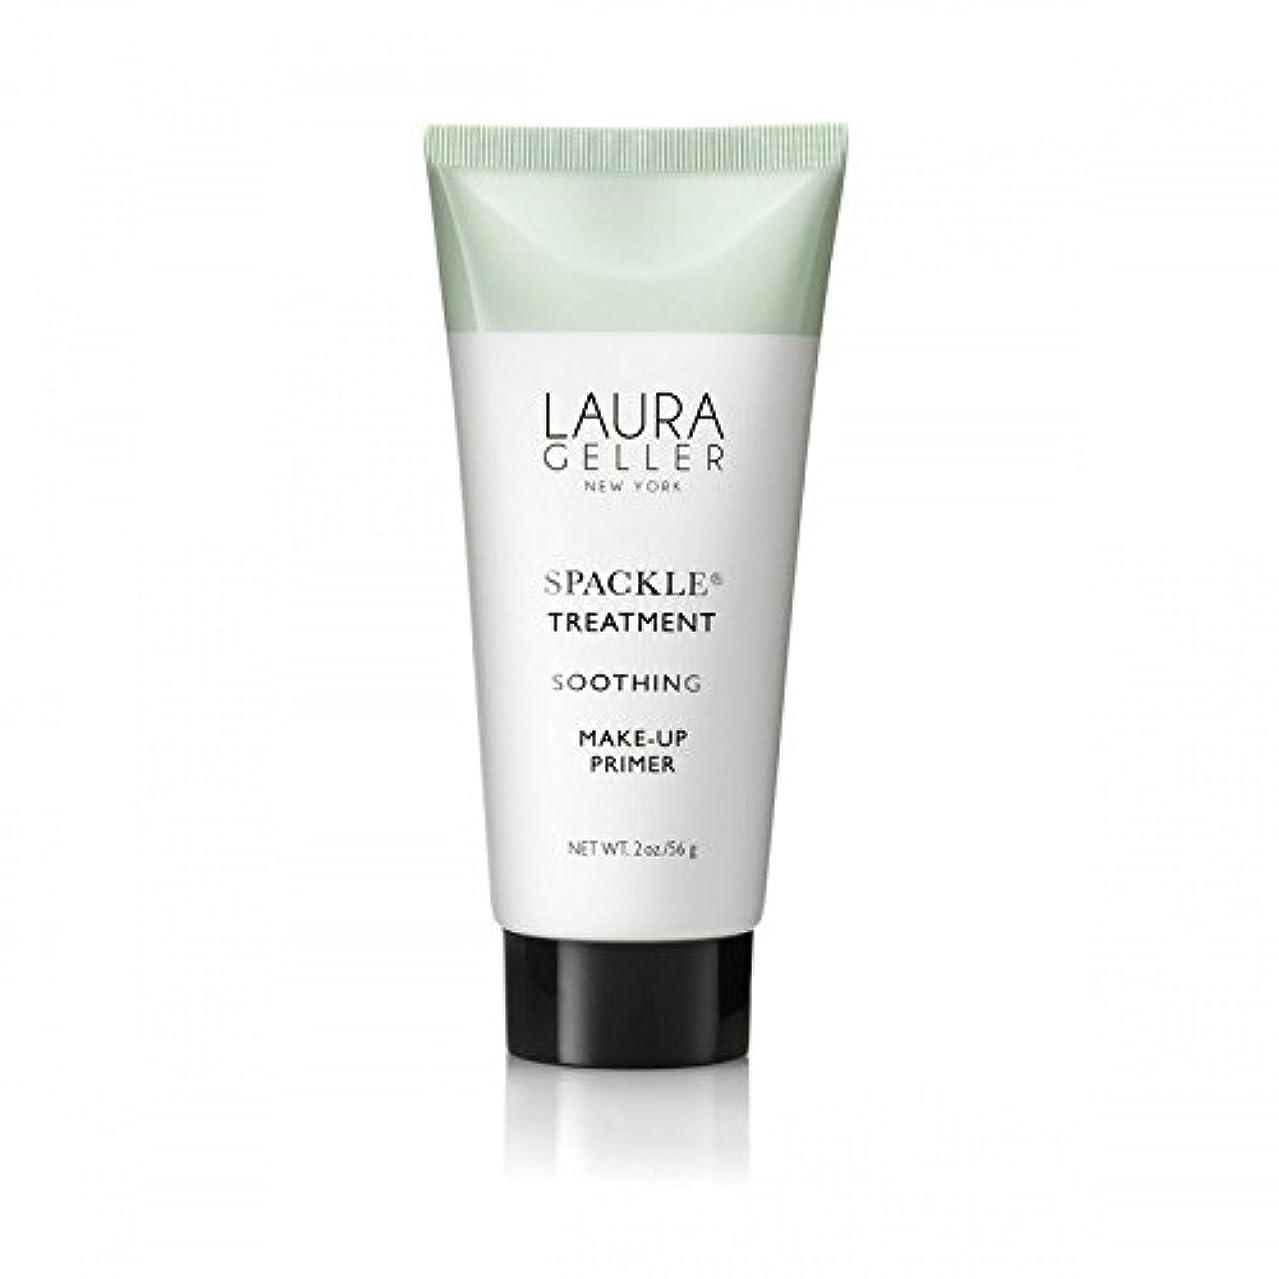 名誉あるやむを得ない遮るLaura Geller Spackle Treatment Under Make-Up Primer Soothing - メイクアッププライマー癒しの下のローラ?ゲラー 処理 [並行輸入品]